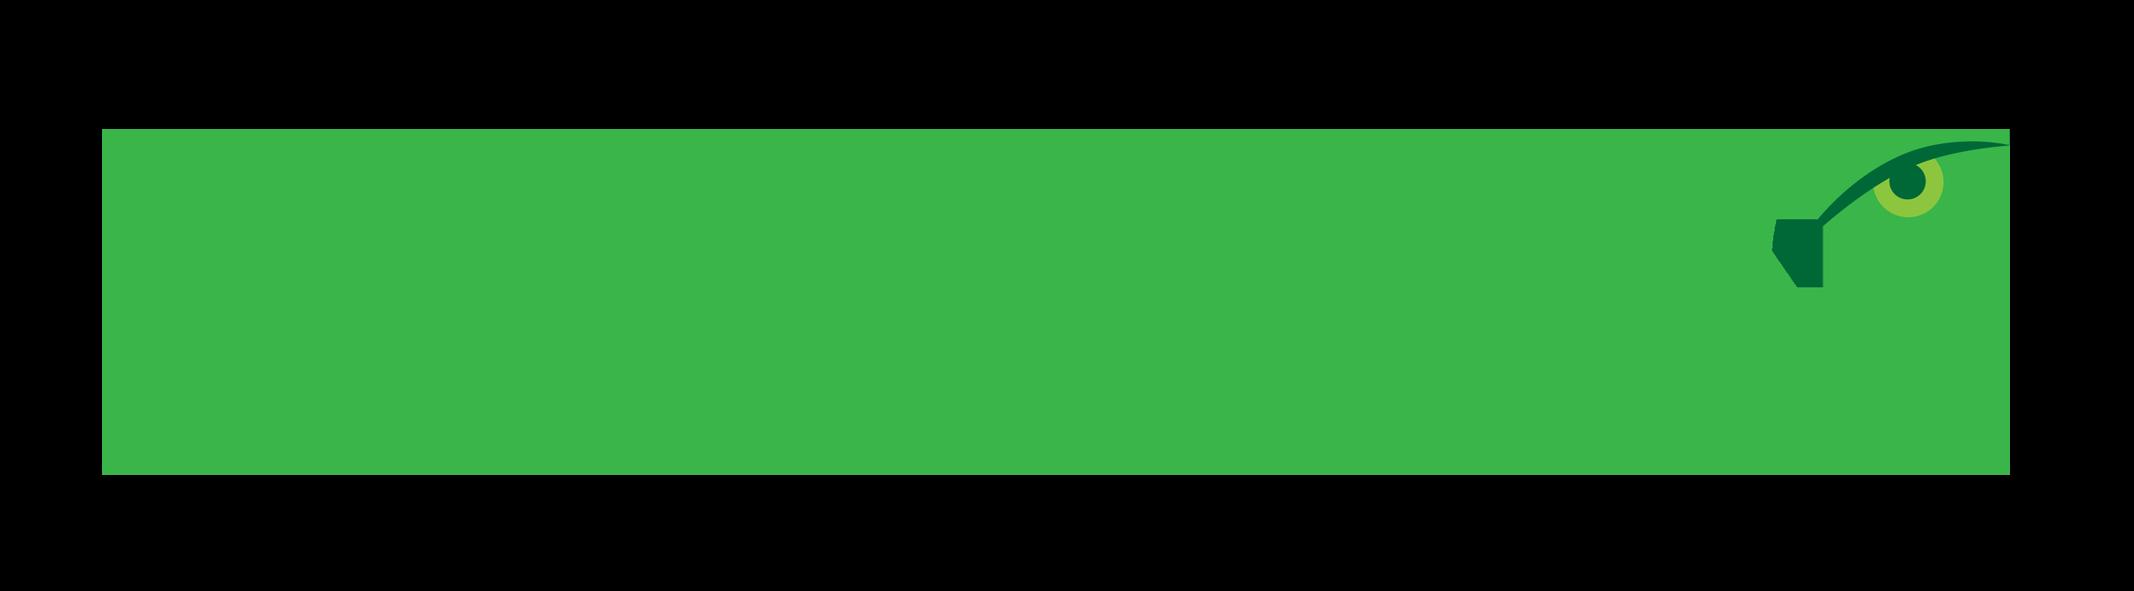 greenai-web-resize